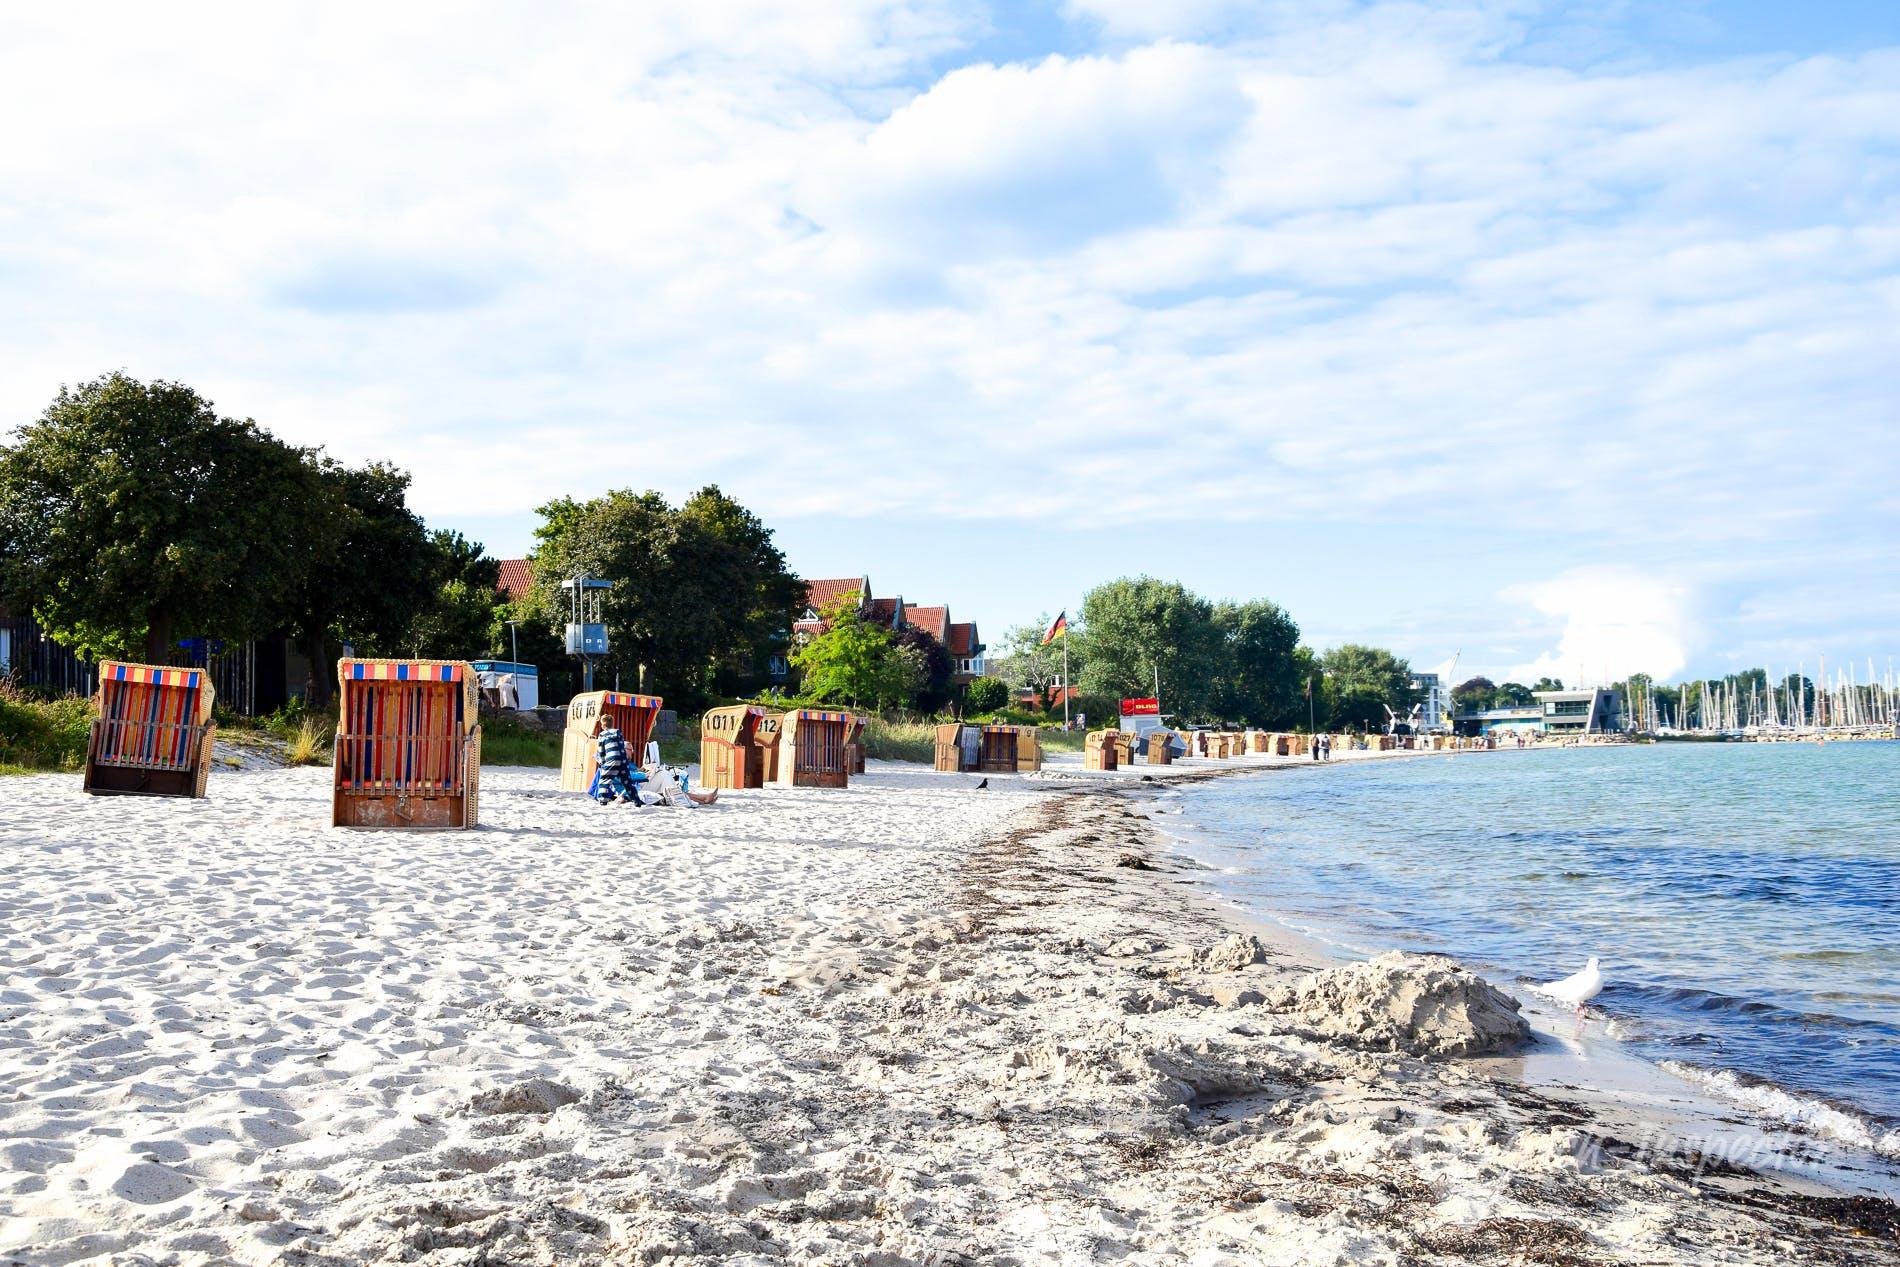 Beach Eckernförde Hauptstrand, Eckernförder Bucht, Germany